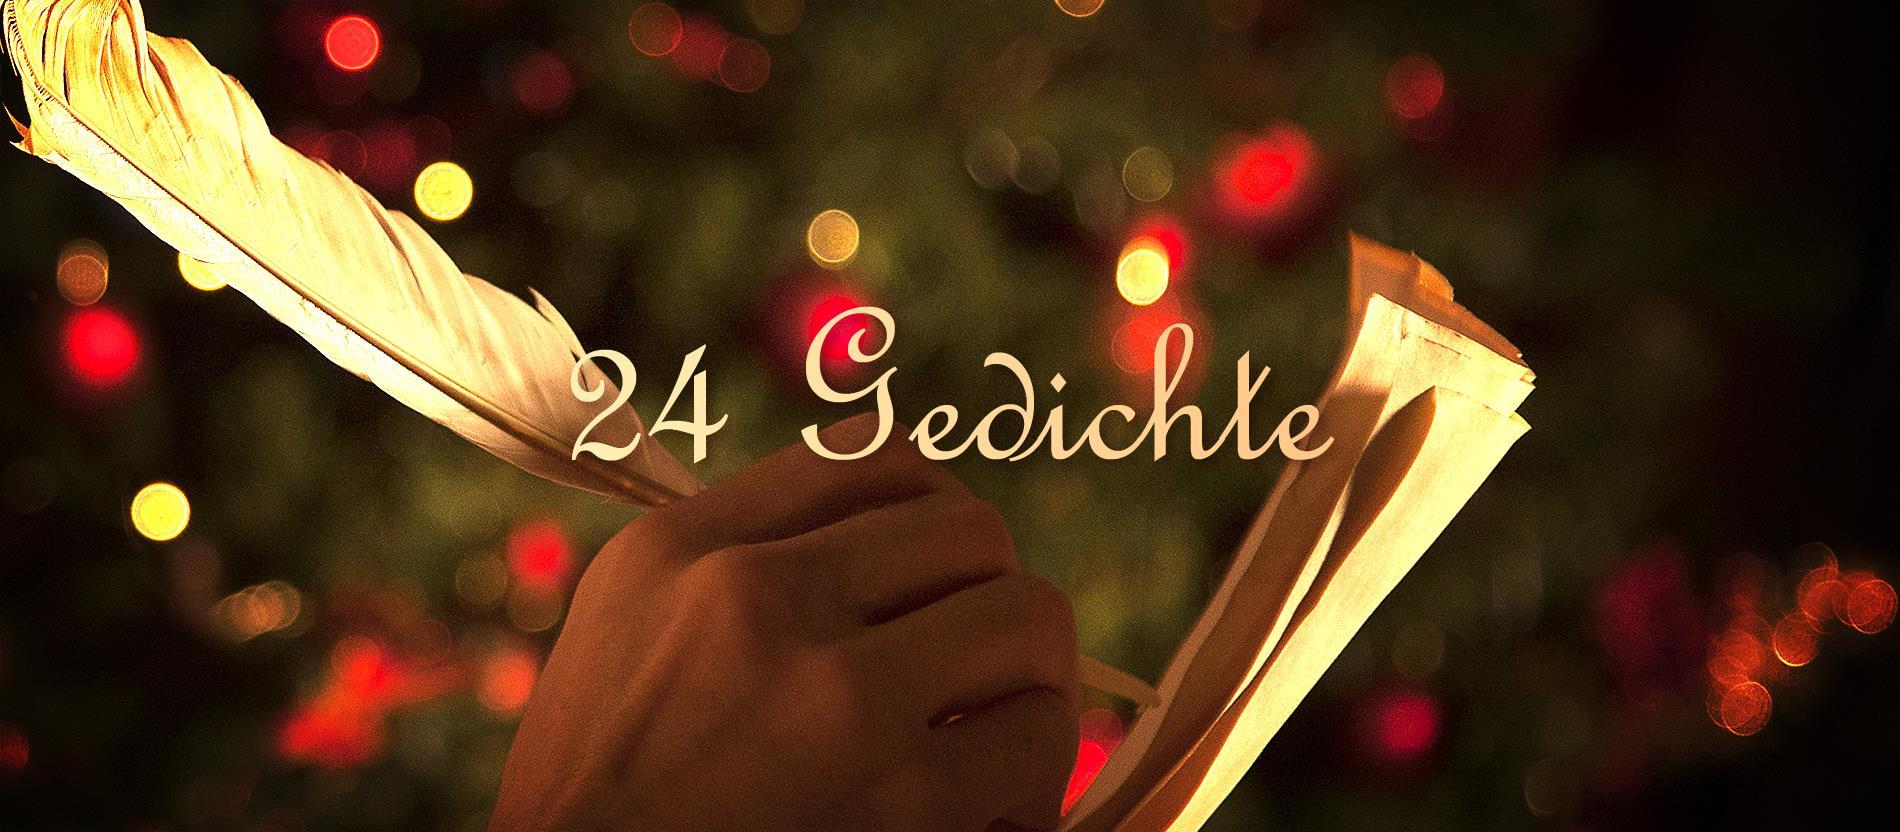 Schlechte Weihnachtsgedichte.Mit 24 Gedichten Durch Den Advent Katholisch De